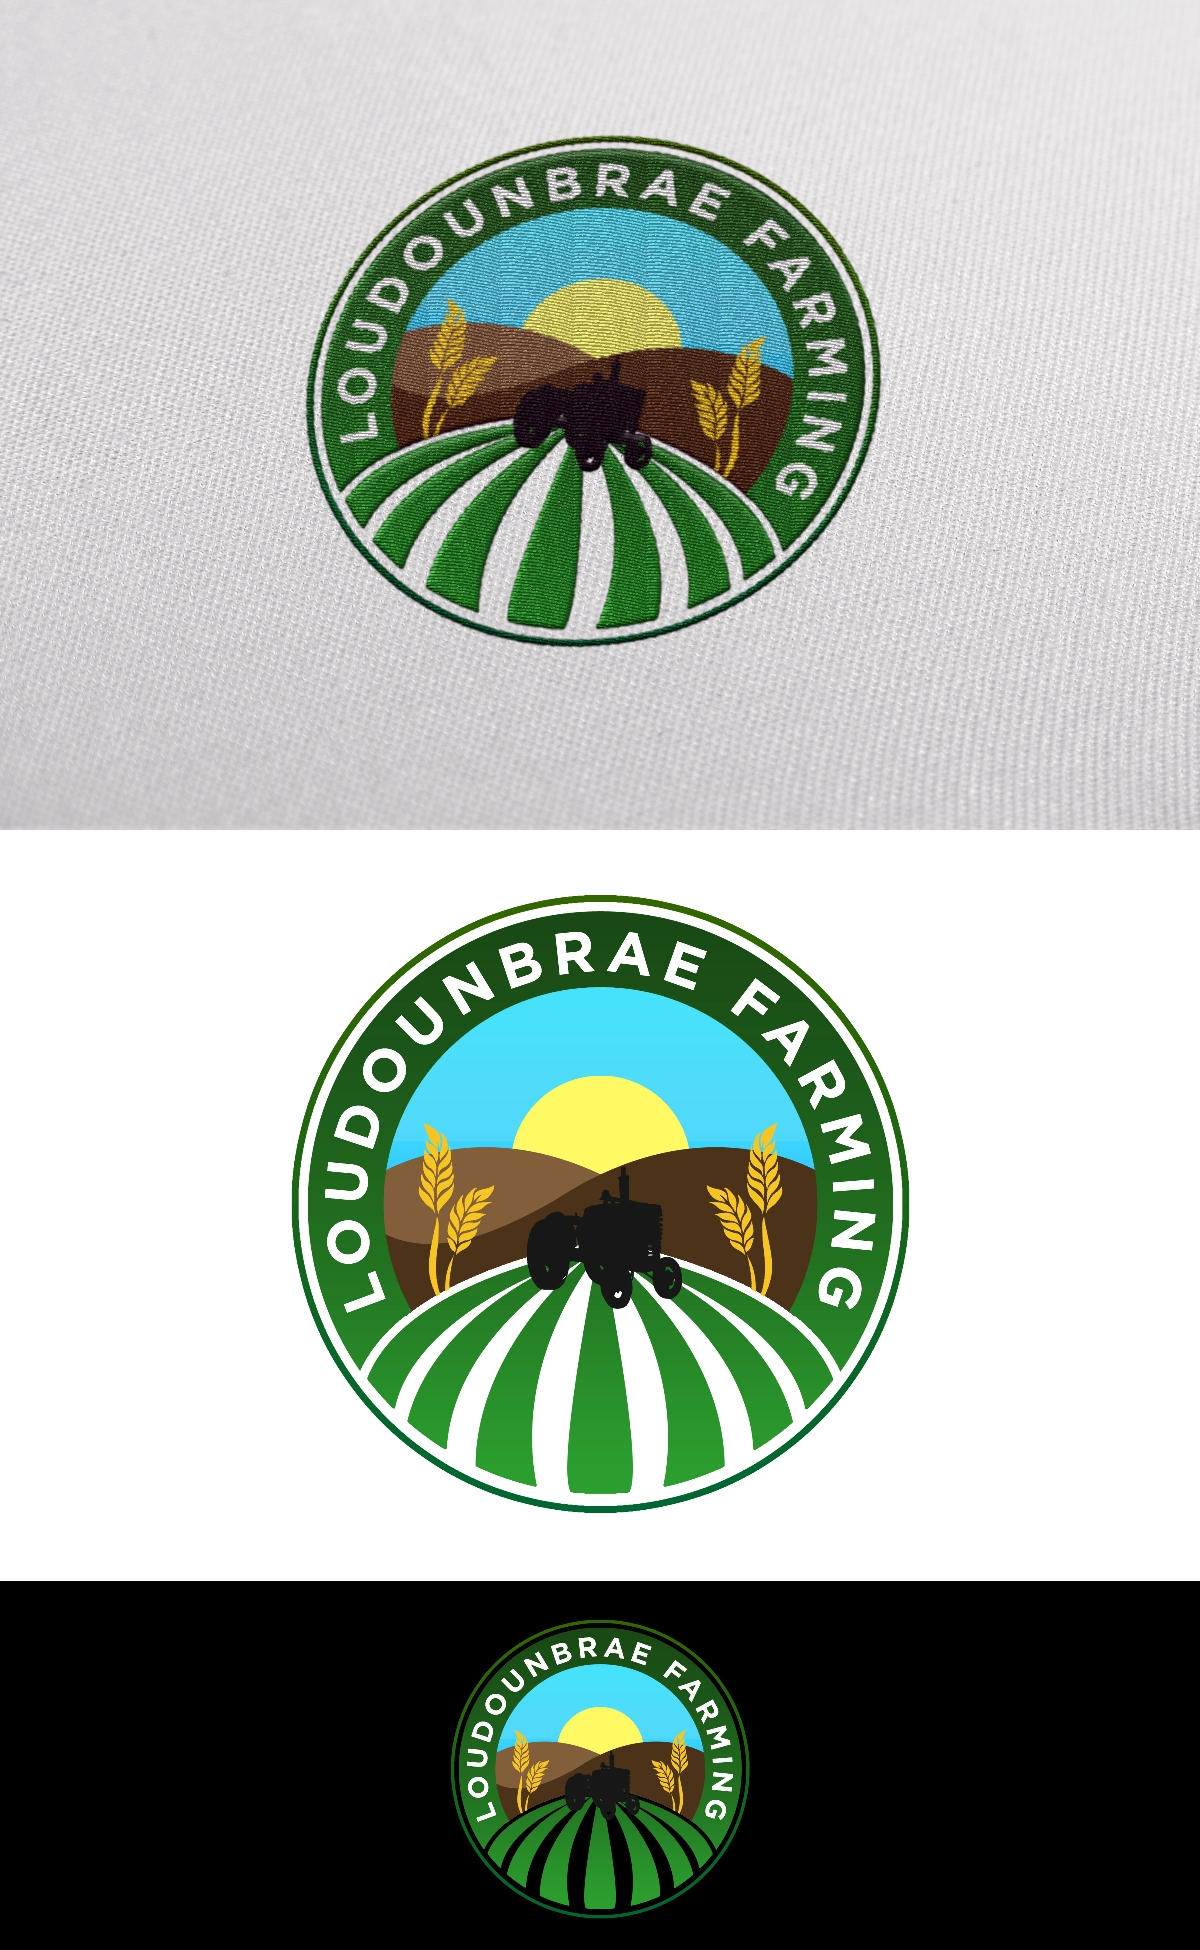 Logo Design by Juan_Kata - Entry No. 66 in the Logo Design Contest Creative Logo Design for Loudounbrae Farming.